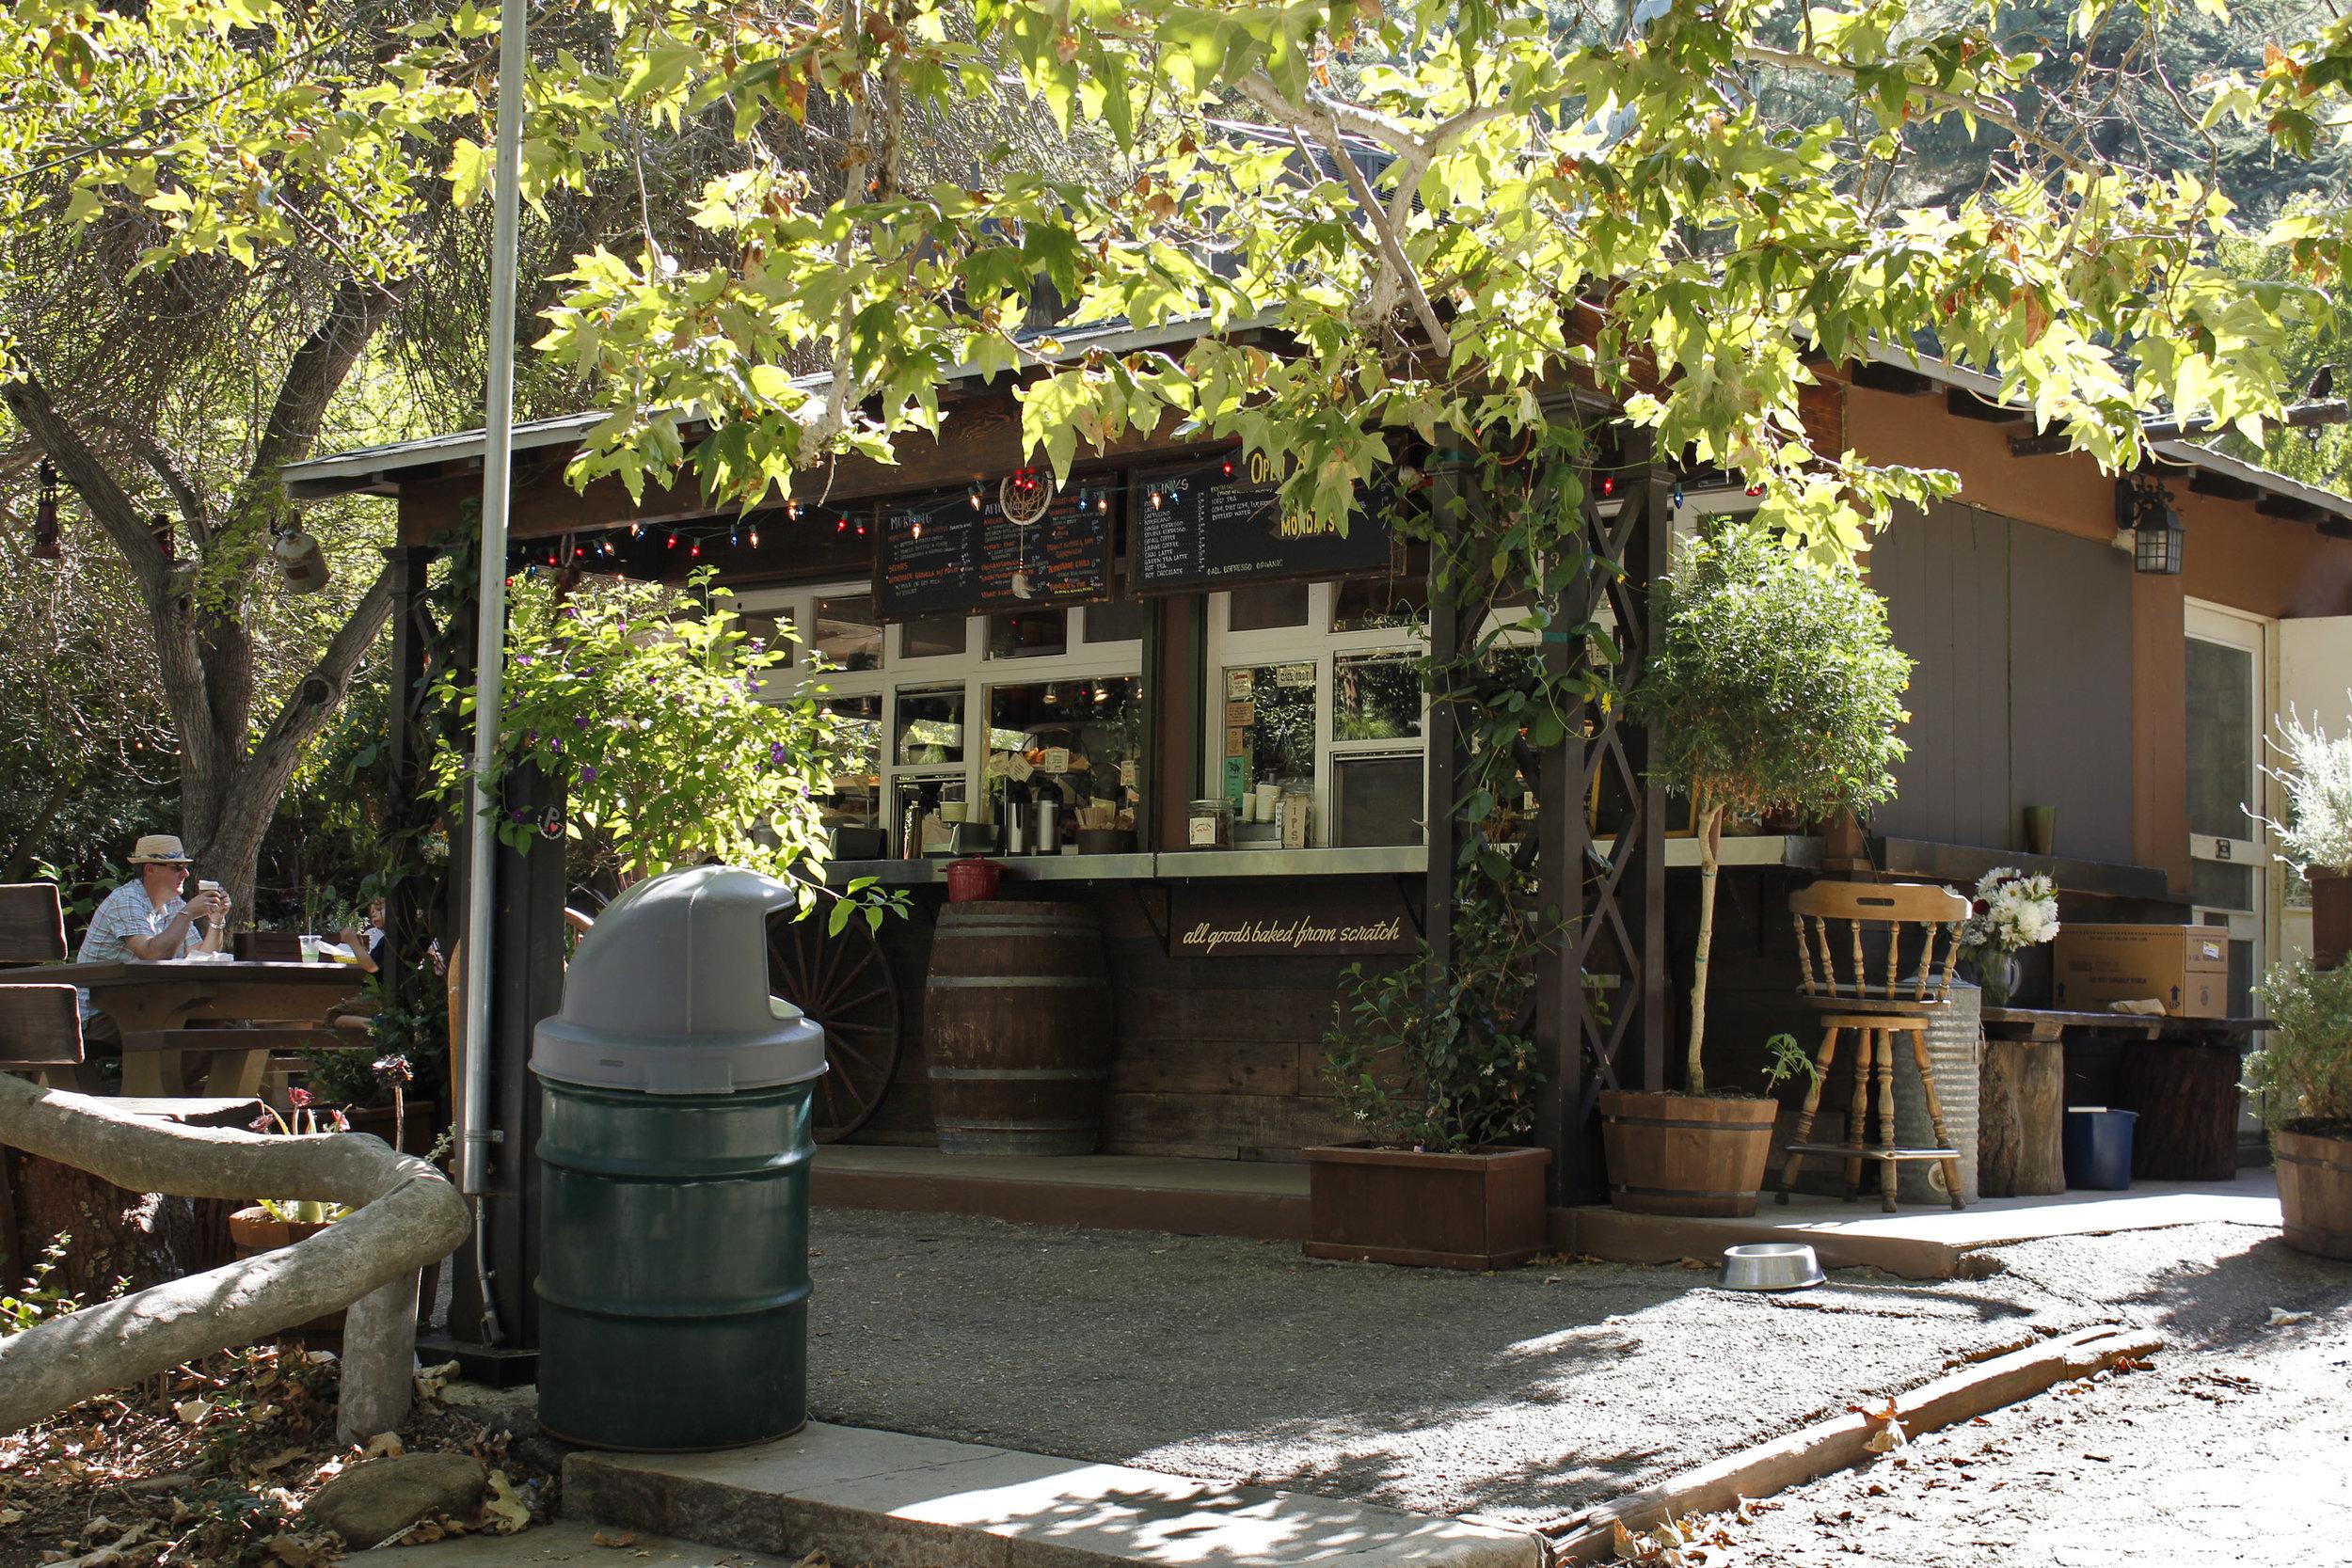 Trails Cafe